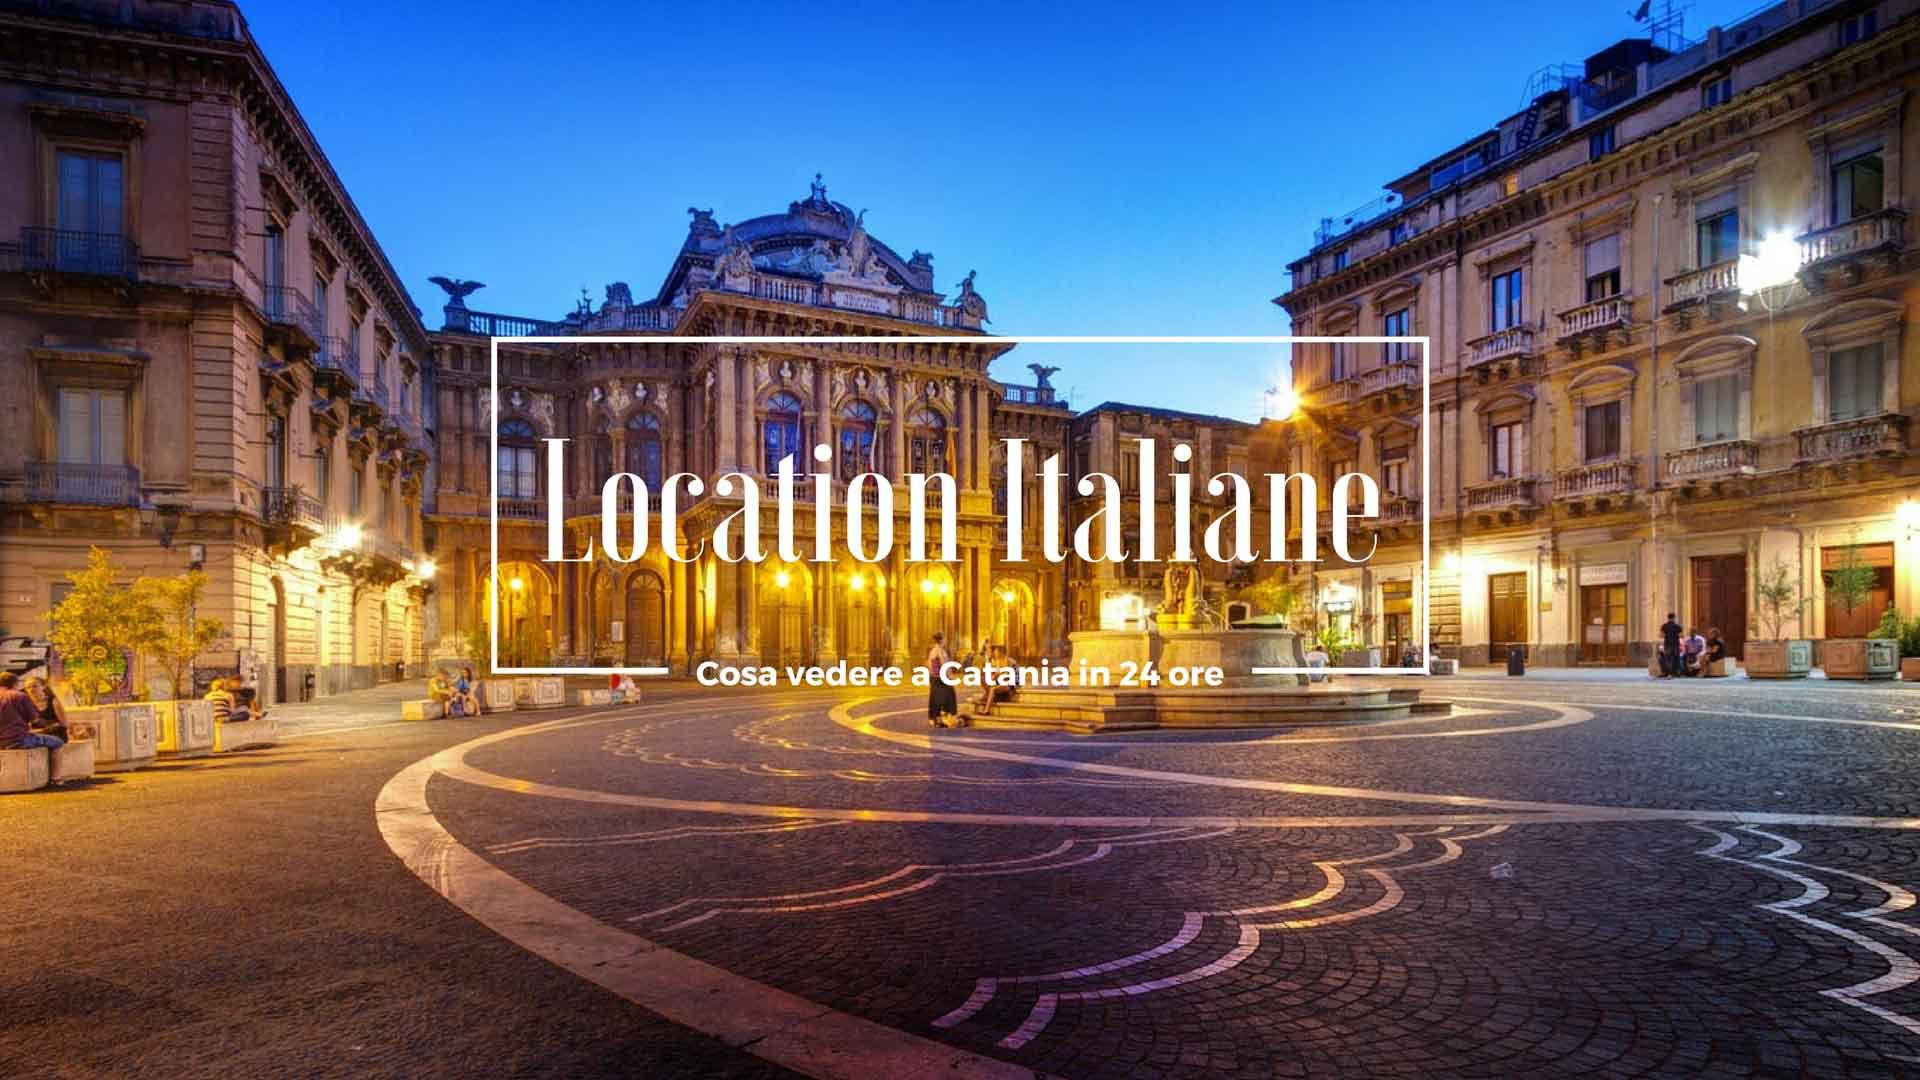 Cosa vedere a Catania in 24 ore